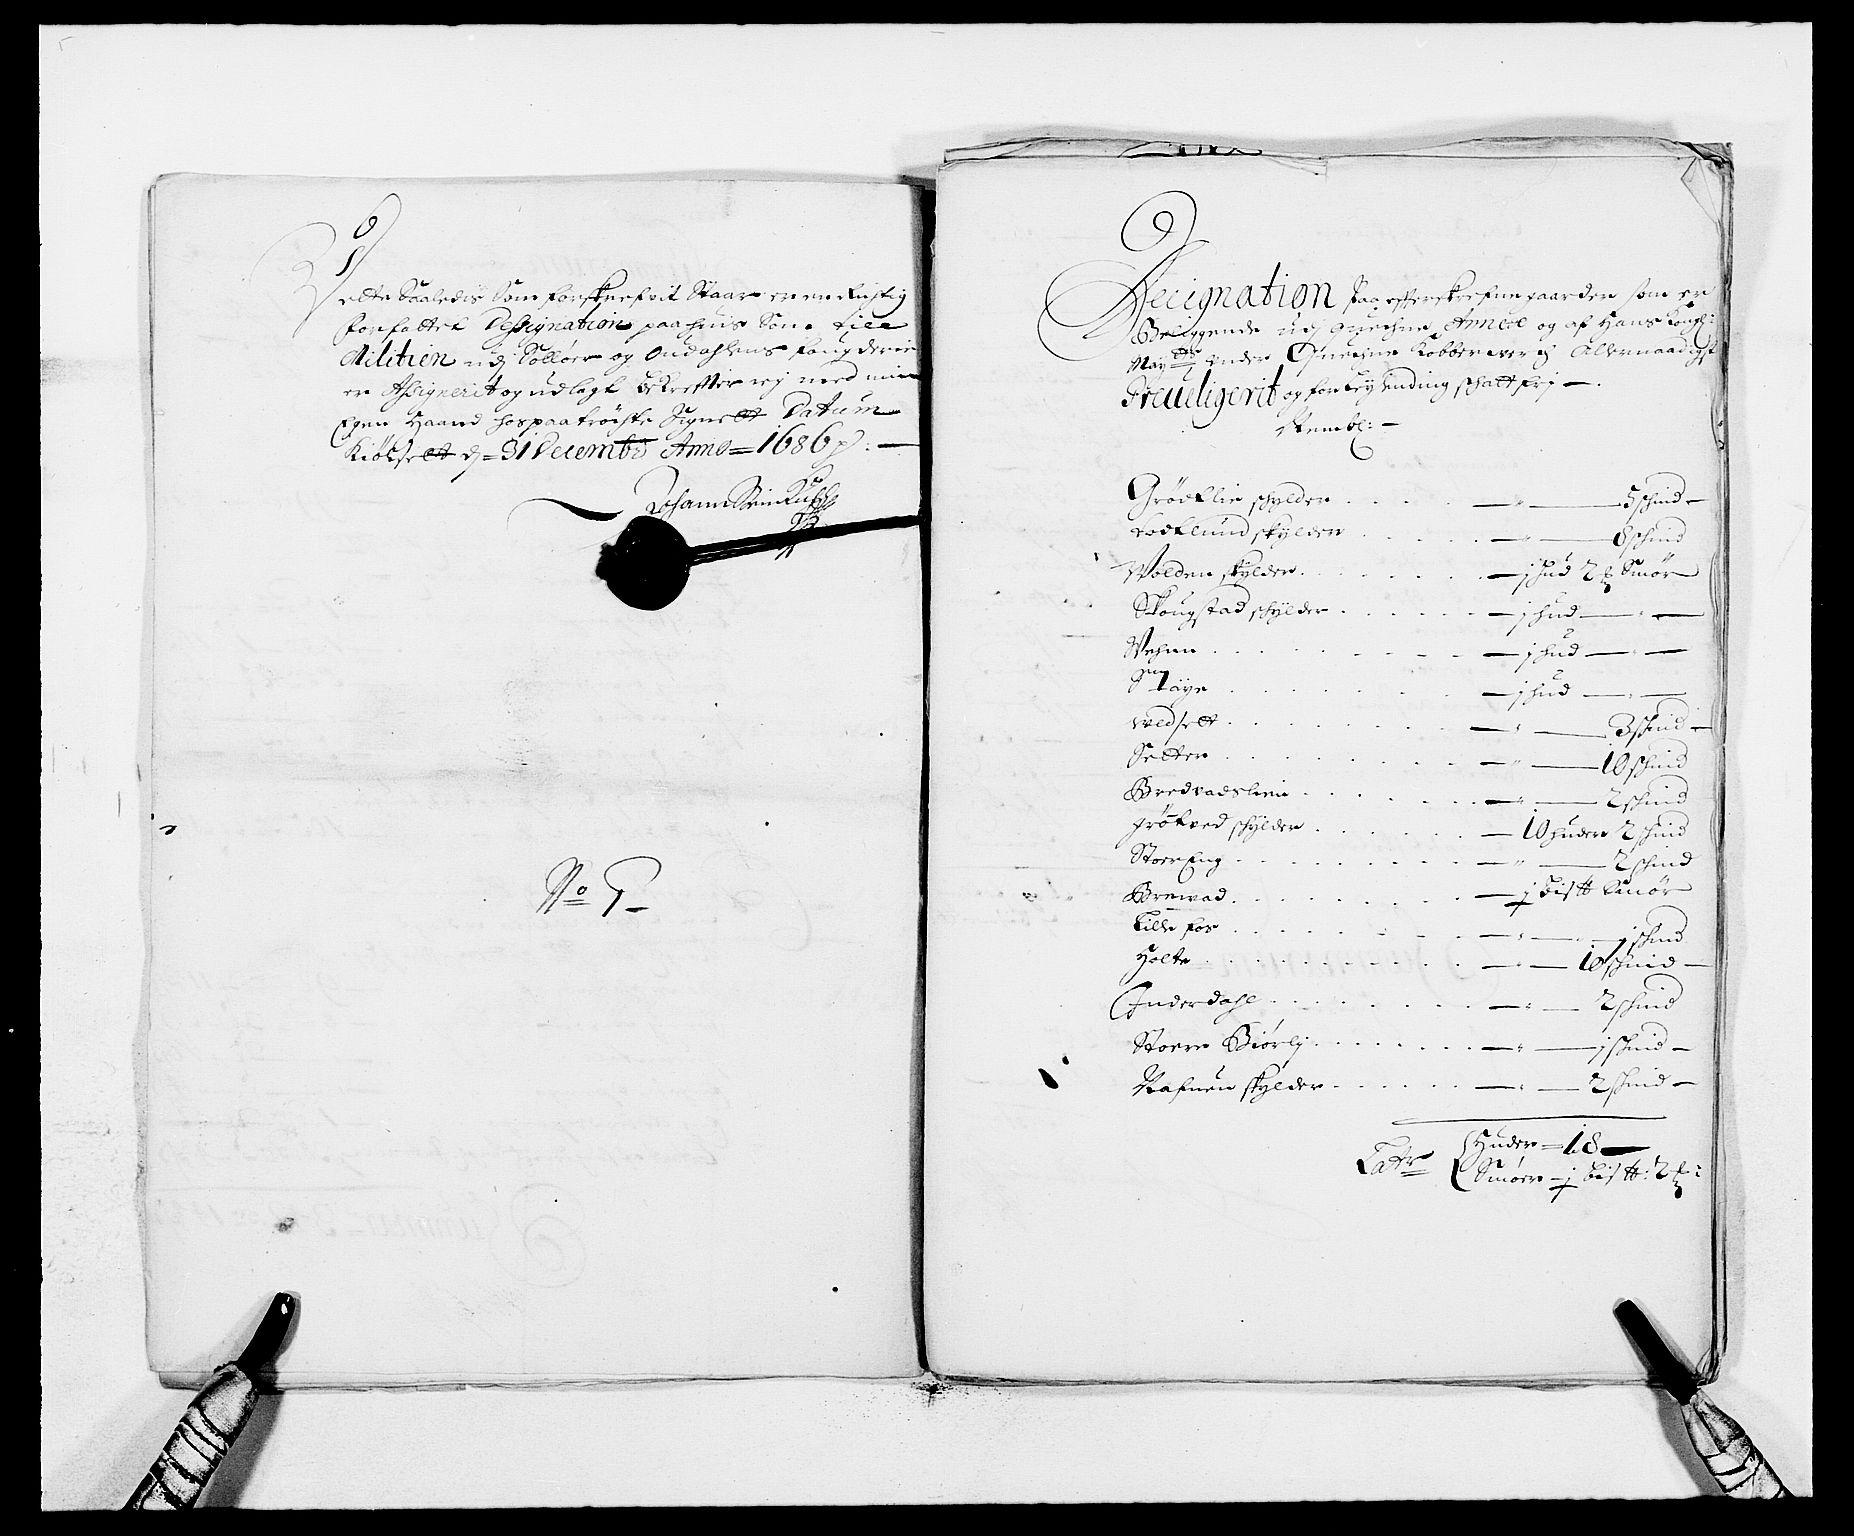 RA, Rentekammeret inntil 1814, Reviderte regnskaper, Fogderegnskap, R13/L0823: Fogderegnskap Solør, Odal og Østerdal, 1686, s. 277